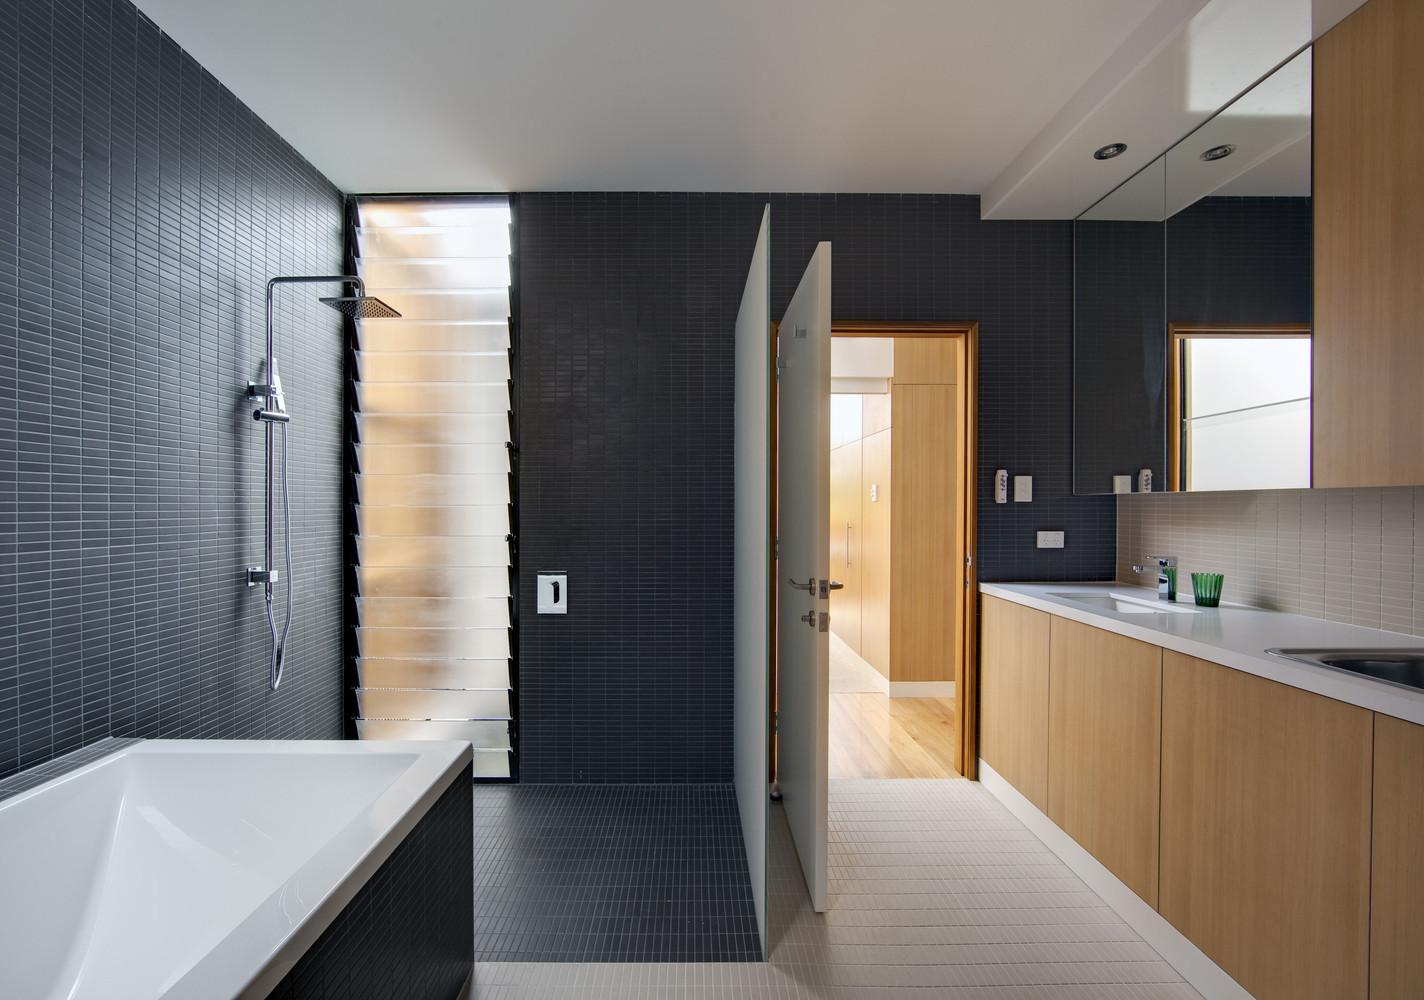 Duchas a ras de suelo, sin puertas ni cortinas: consejos y ejemplos de diseño,Curl Curl Residence / CplusC Architectural Workshop. Image © Murray Fredericks